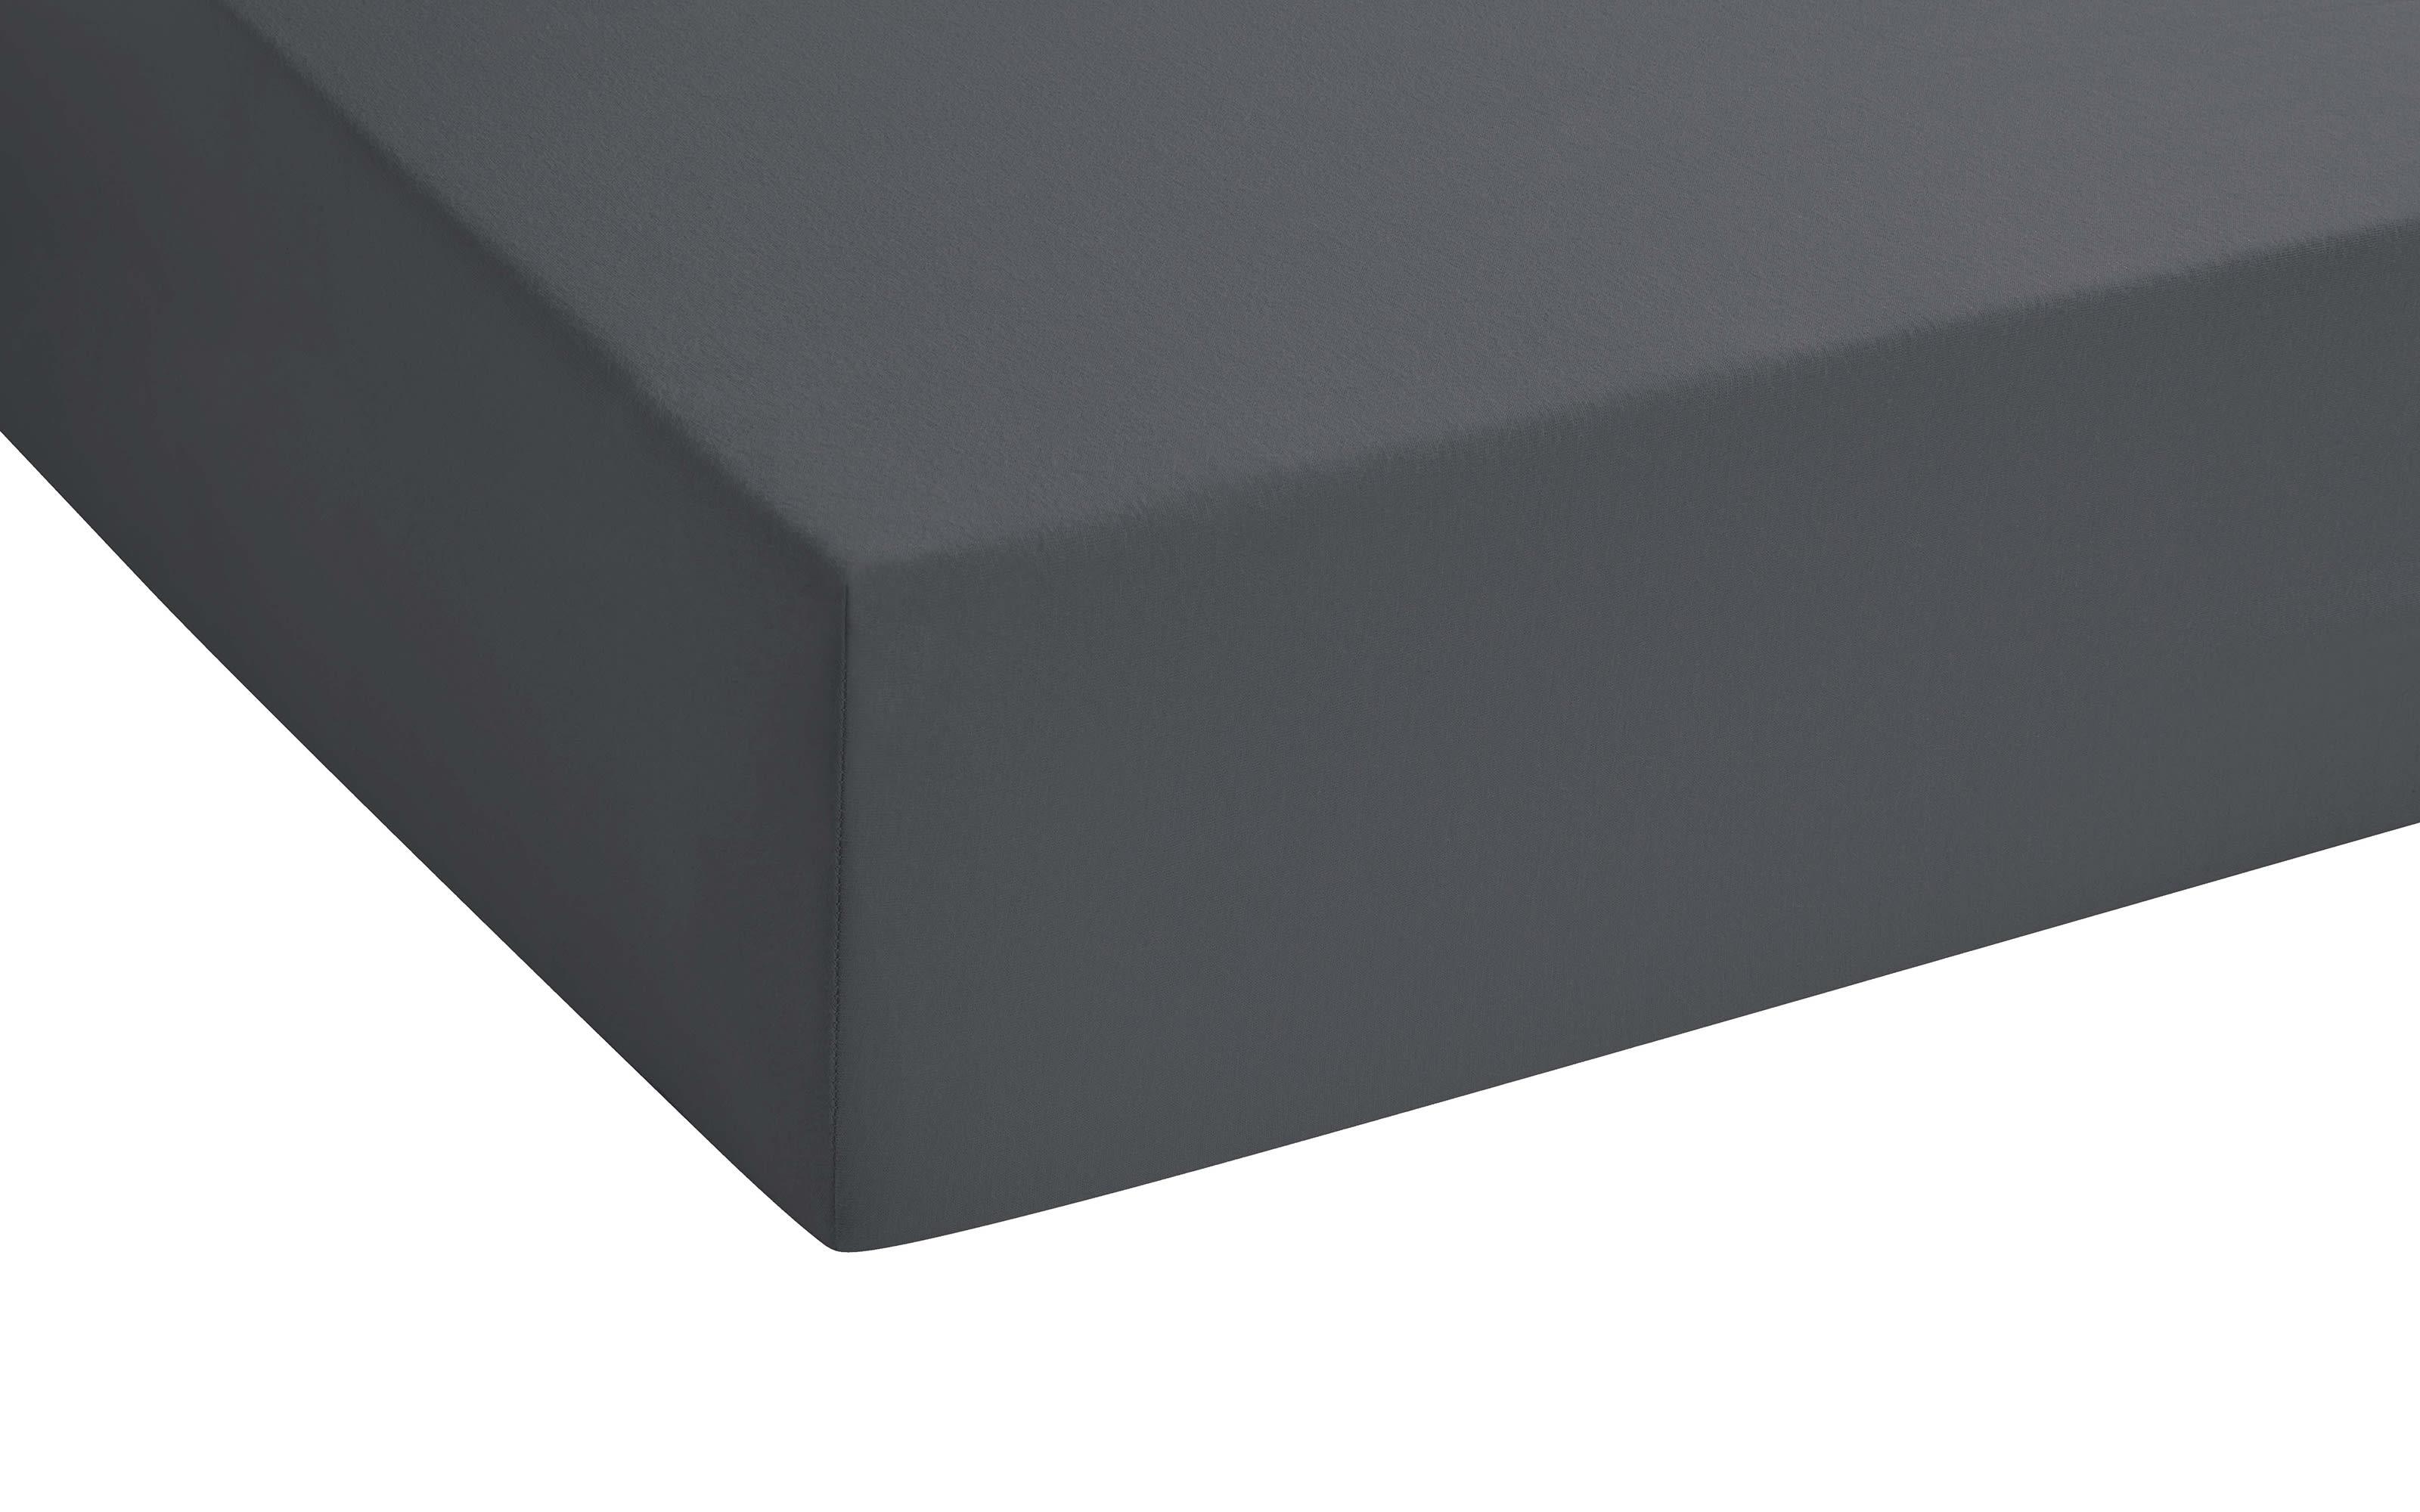 Boxspring-Spannbetttuch in anthrazit, 140 x 200 x 25 cm